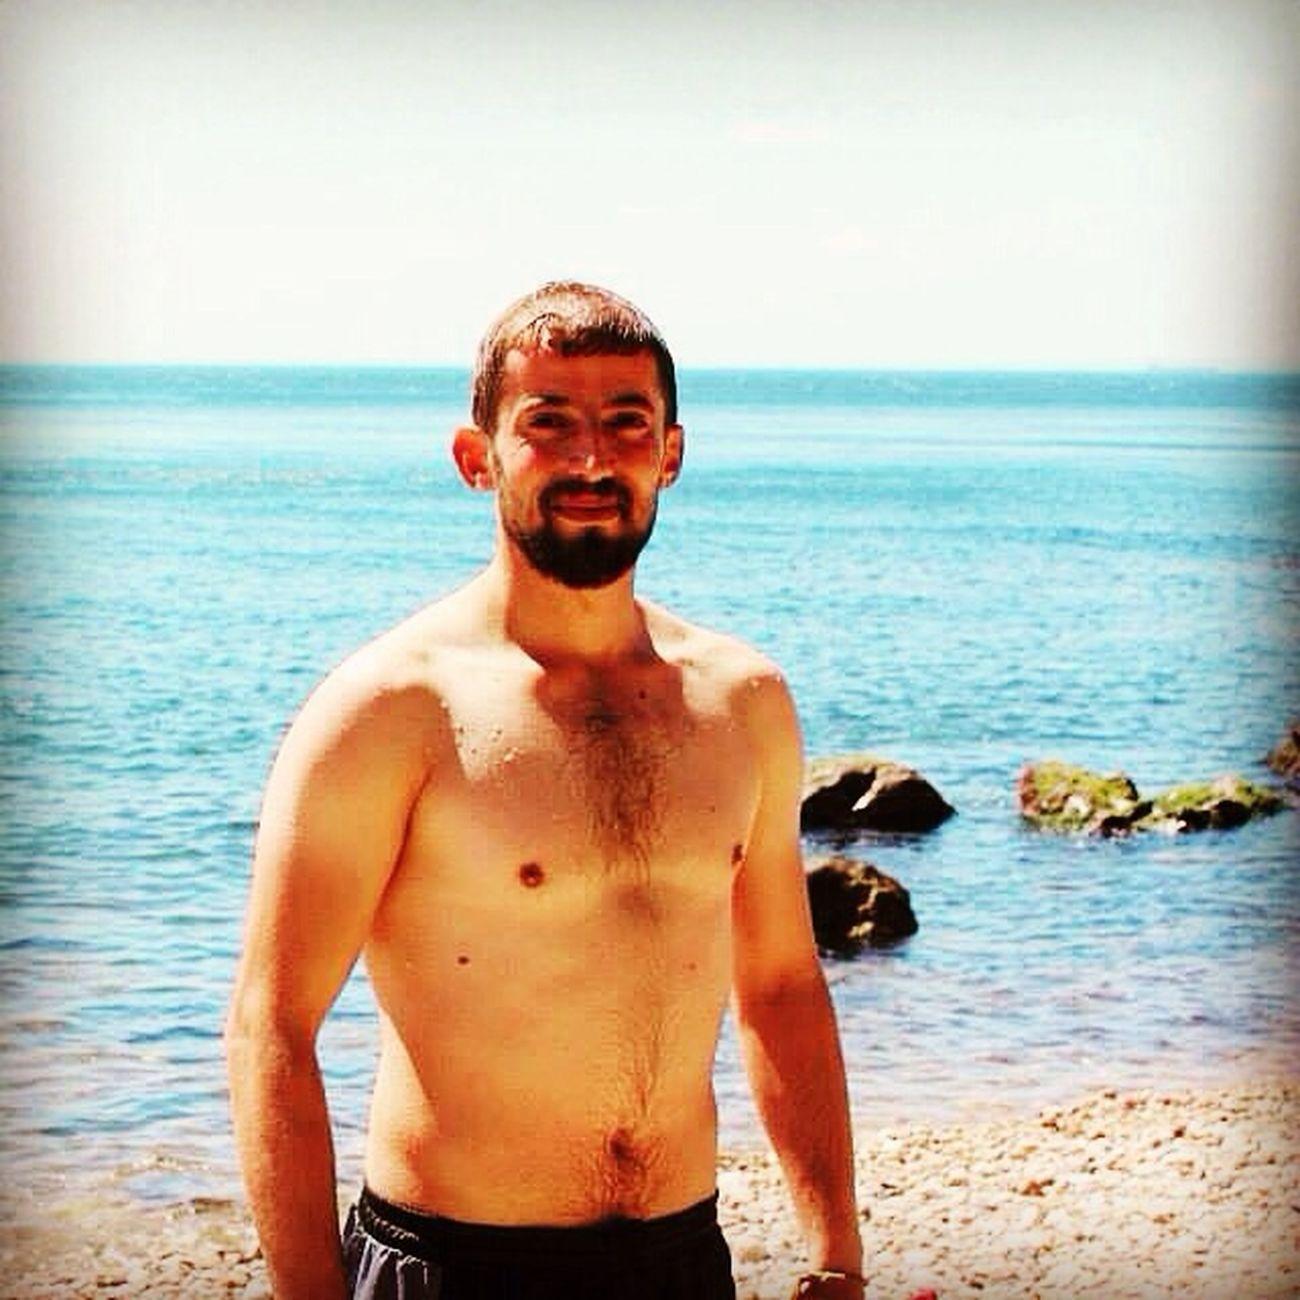 Deniz Burgazada Beach Istanbul